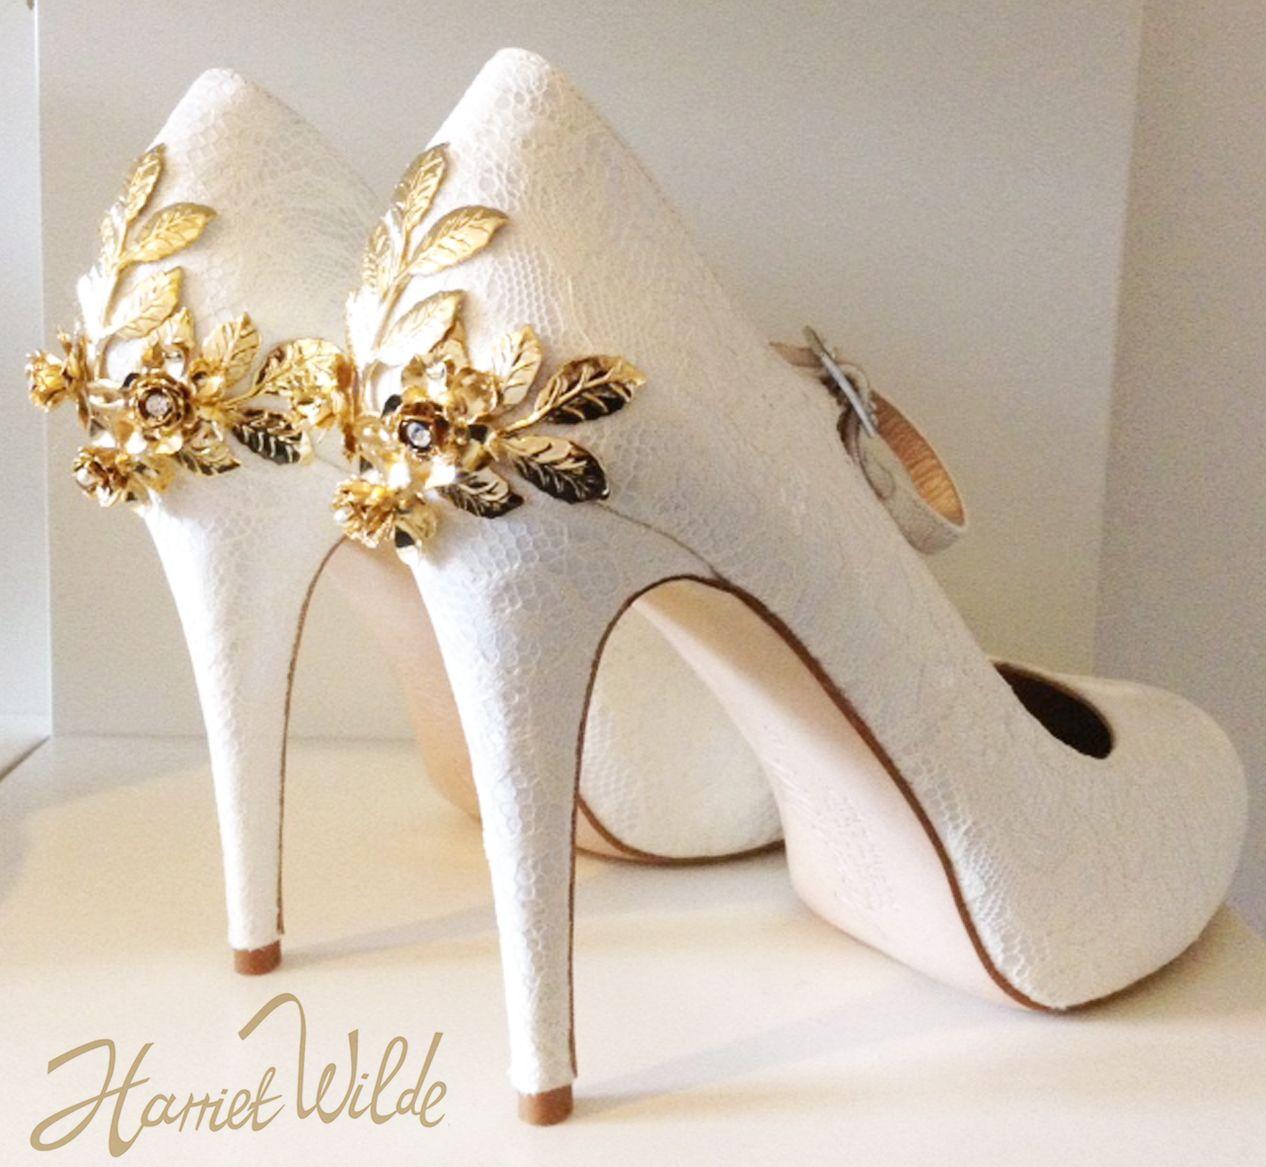 Martha Bespoke Harriet Wilde Wedding Shoes Price On Request Visit Www